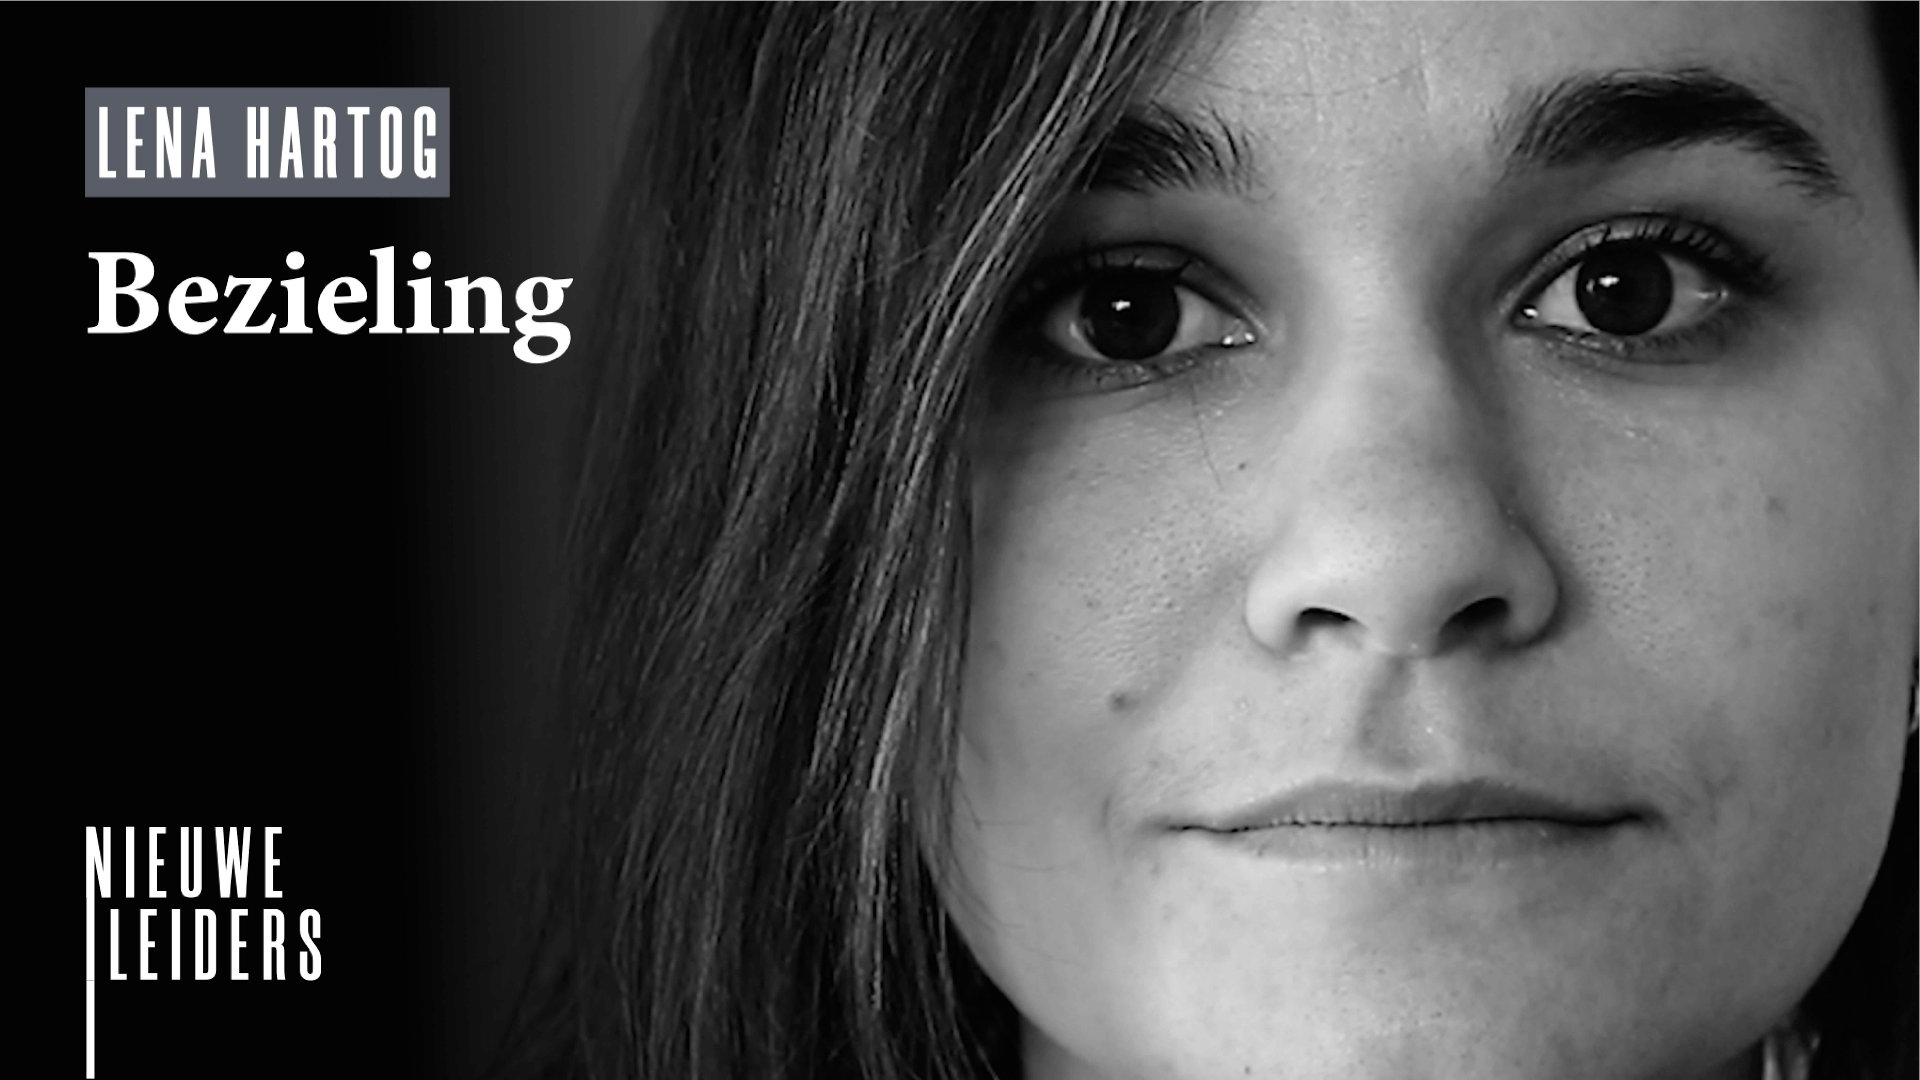 Lena Hartog - Bezieling